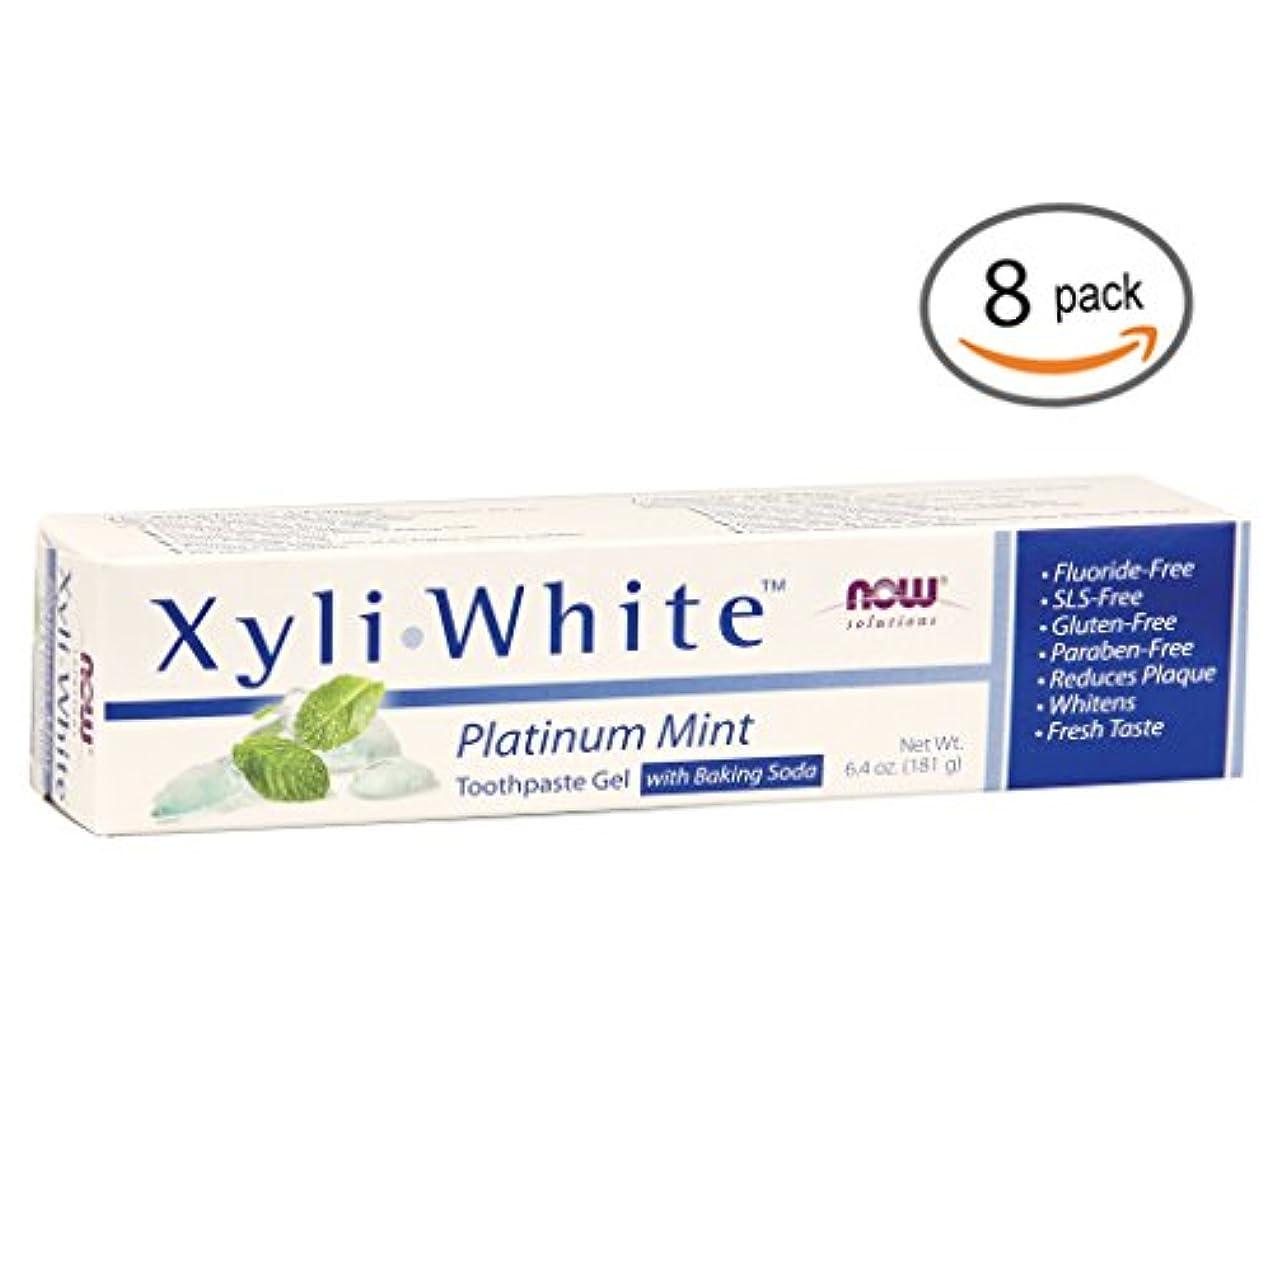 離婚おもしろい回復するキシリホワイト 歯磨き粉  プラチナミント+ベーキングソーダ 182g 2個パック